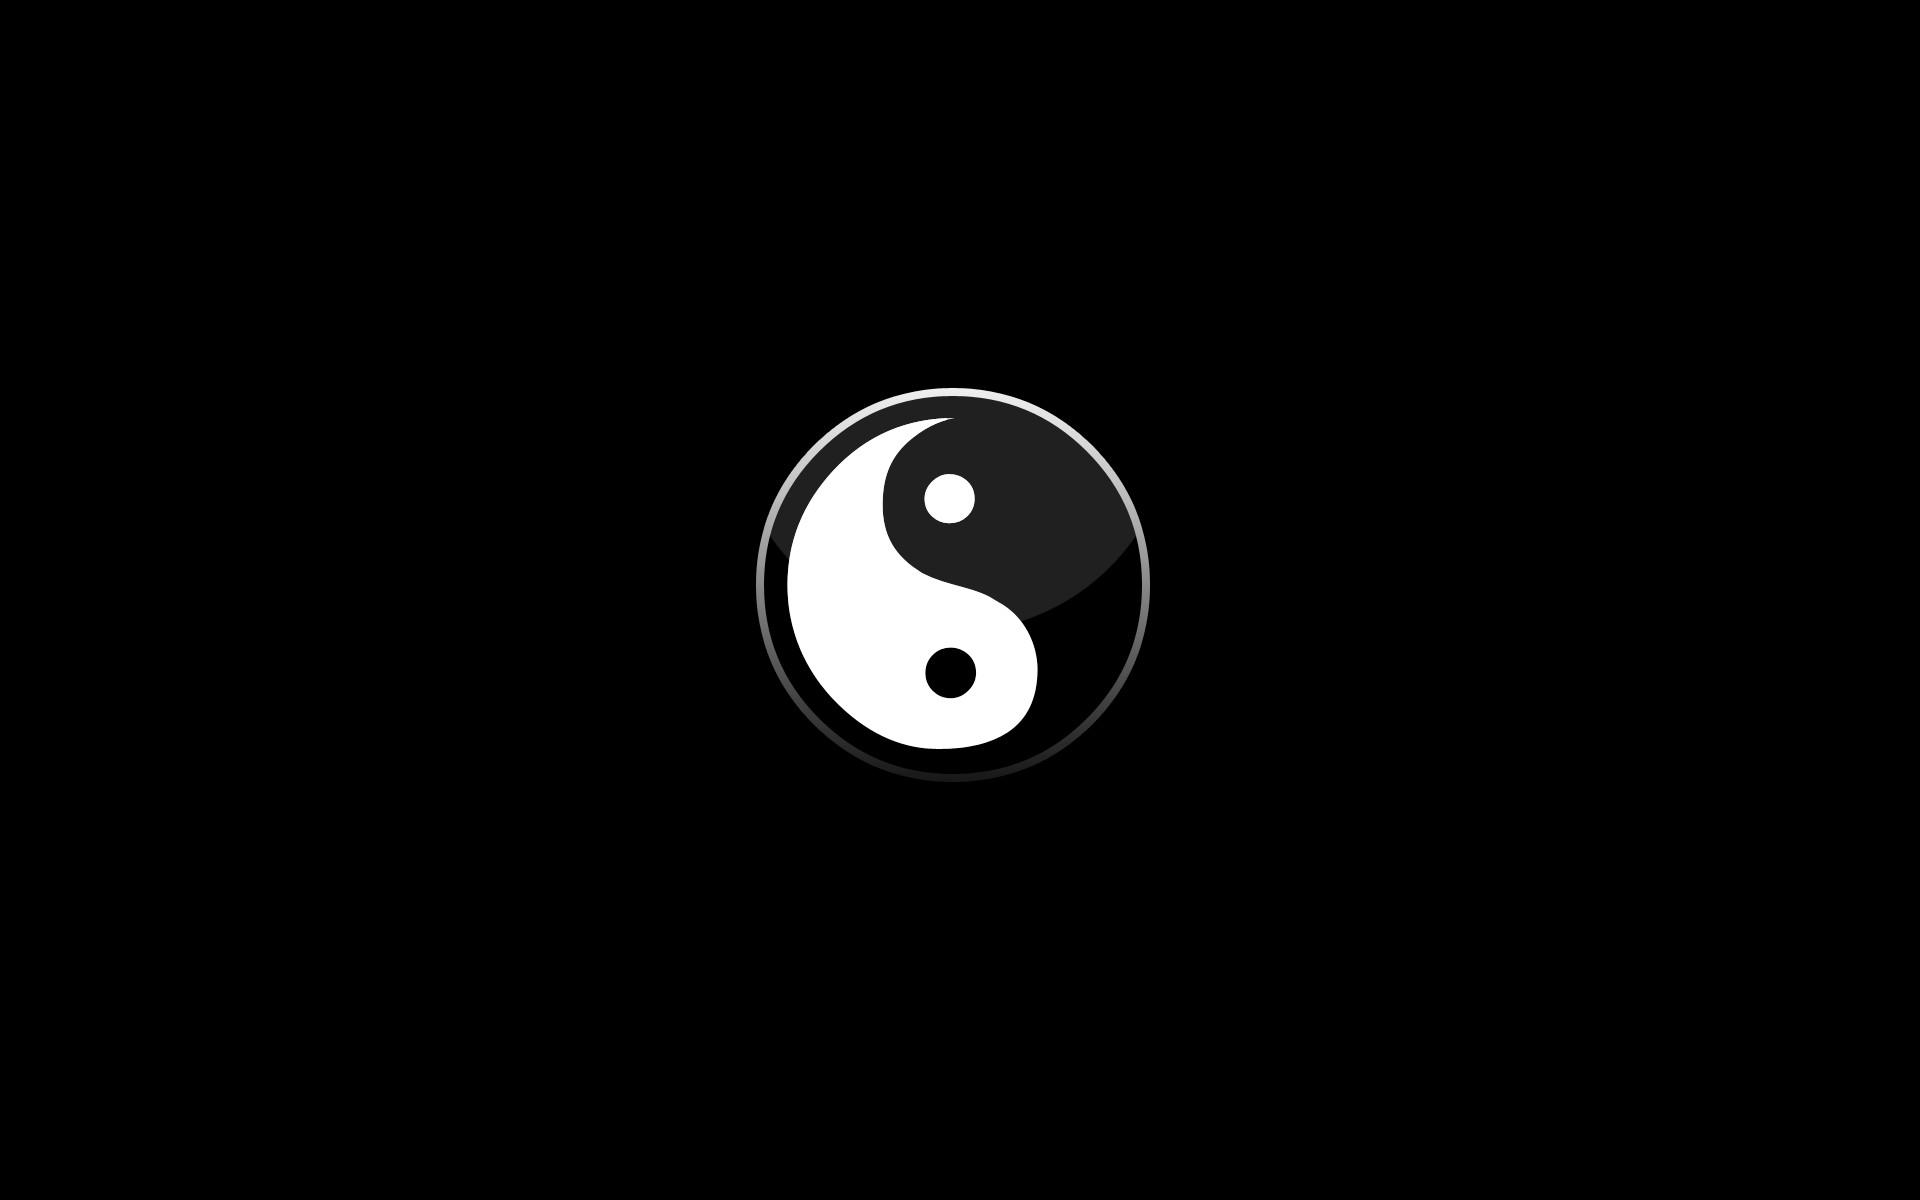 Yin Yang Wallpaper Yin, Yang, Chinese